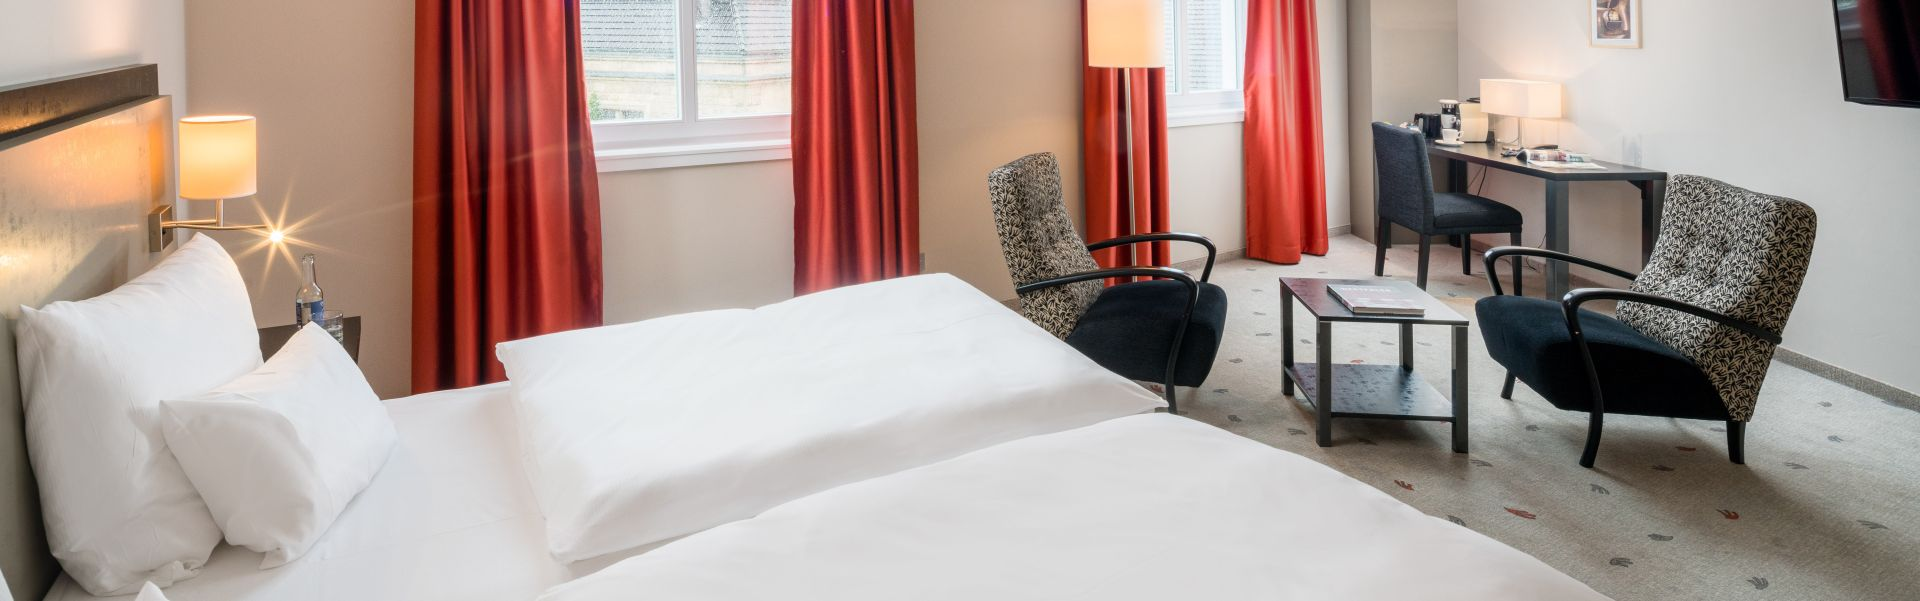 Einrichtung Hotelzimmer Bielefelder Hof